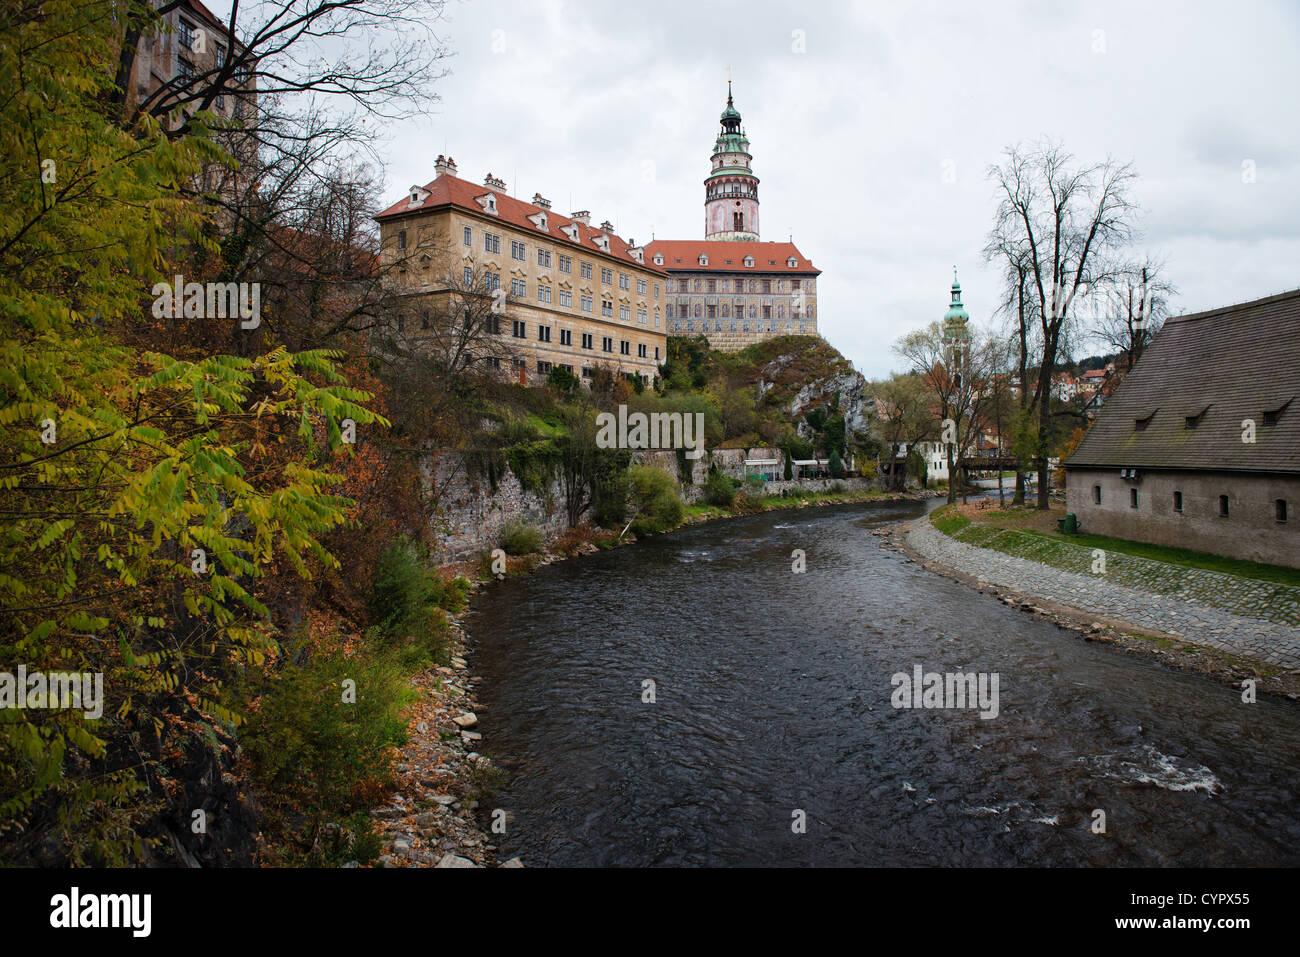 Castle in Cesky Krumlov above Vltava river, Czech Republic. UNESCO World Heritage site - Stock Image